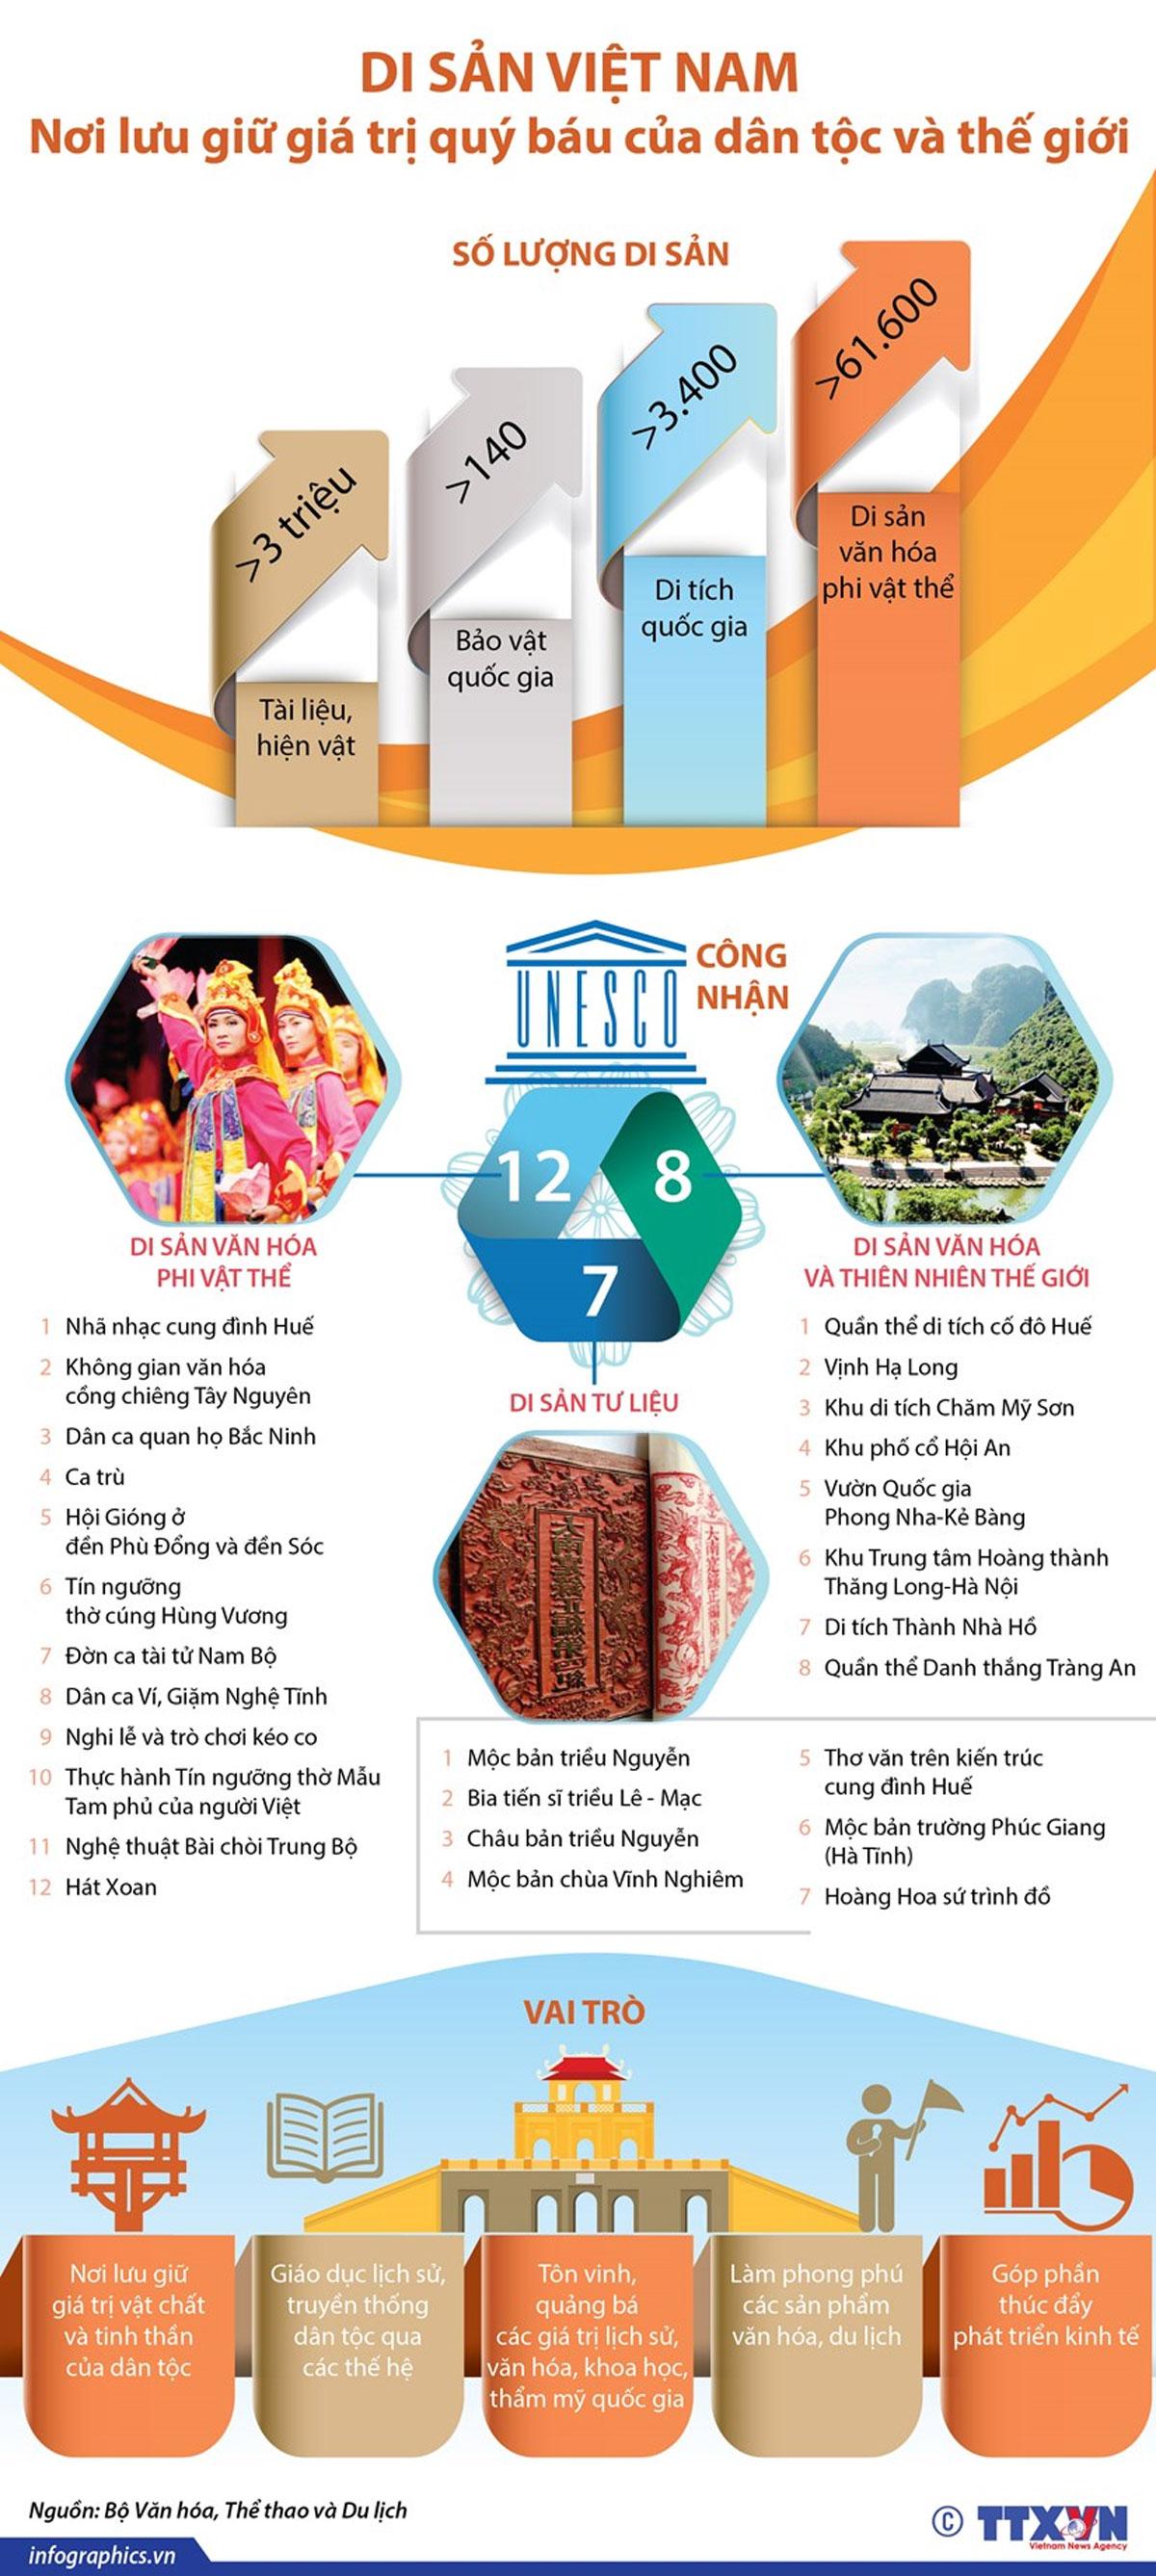 Di sản Việt Nam, Nơi lưu giữ, giá trị quý báu, dân tộc, thế giới